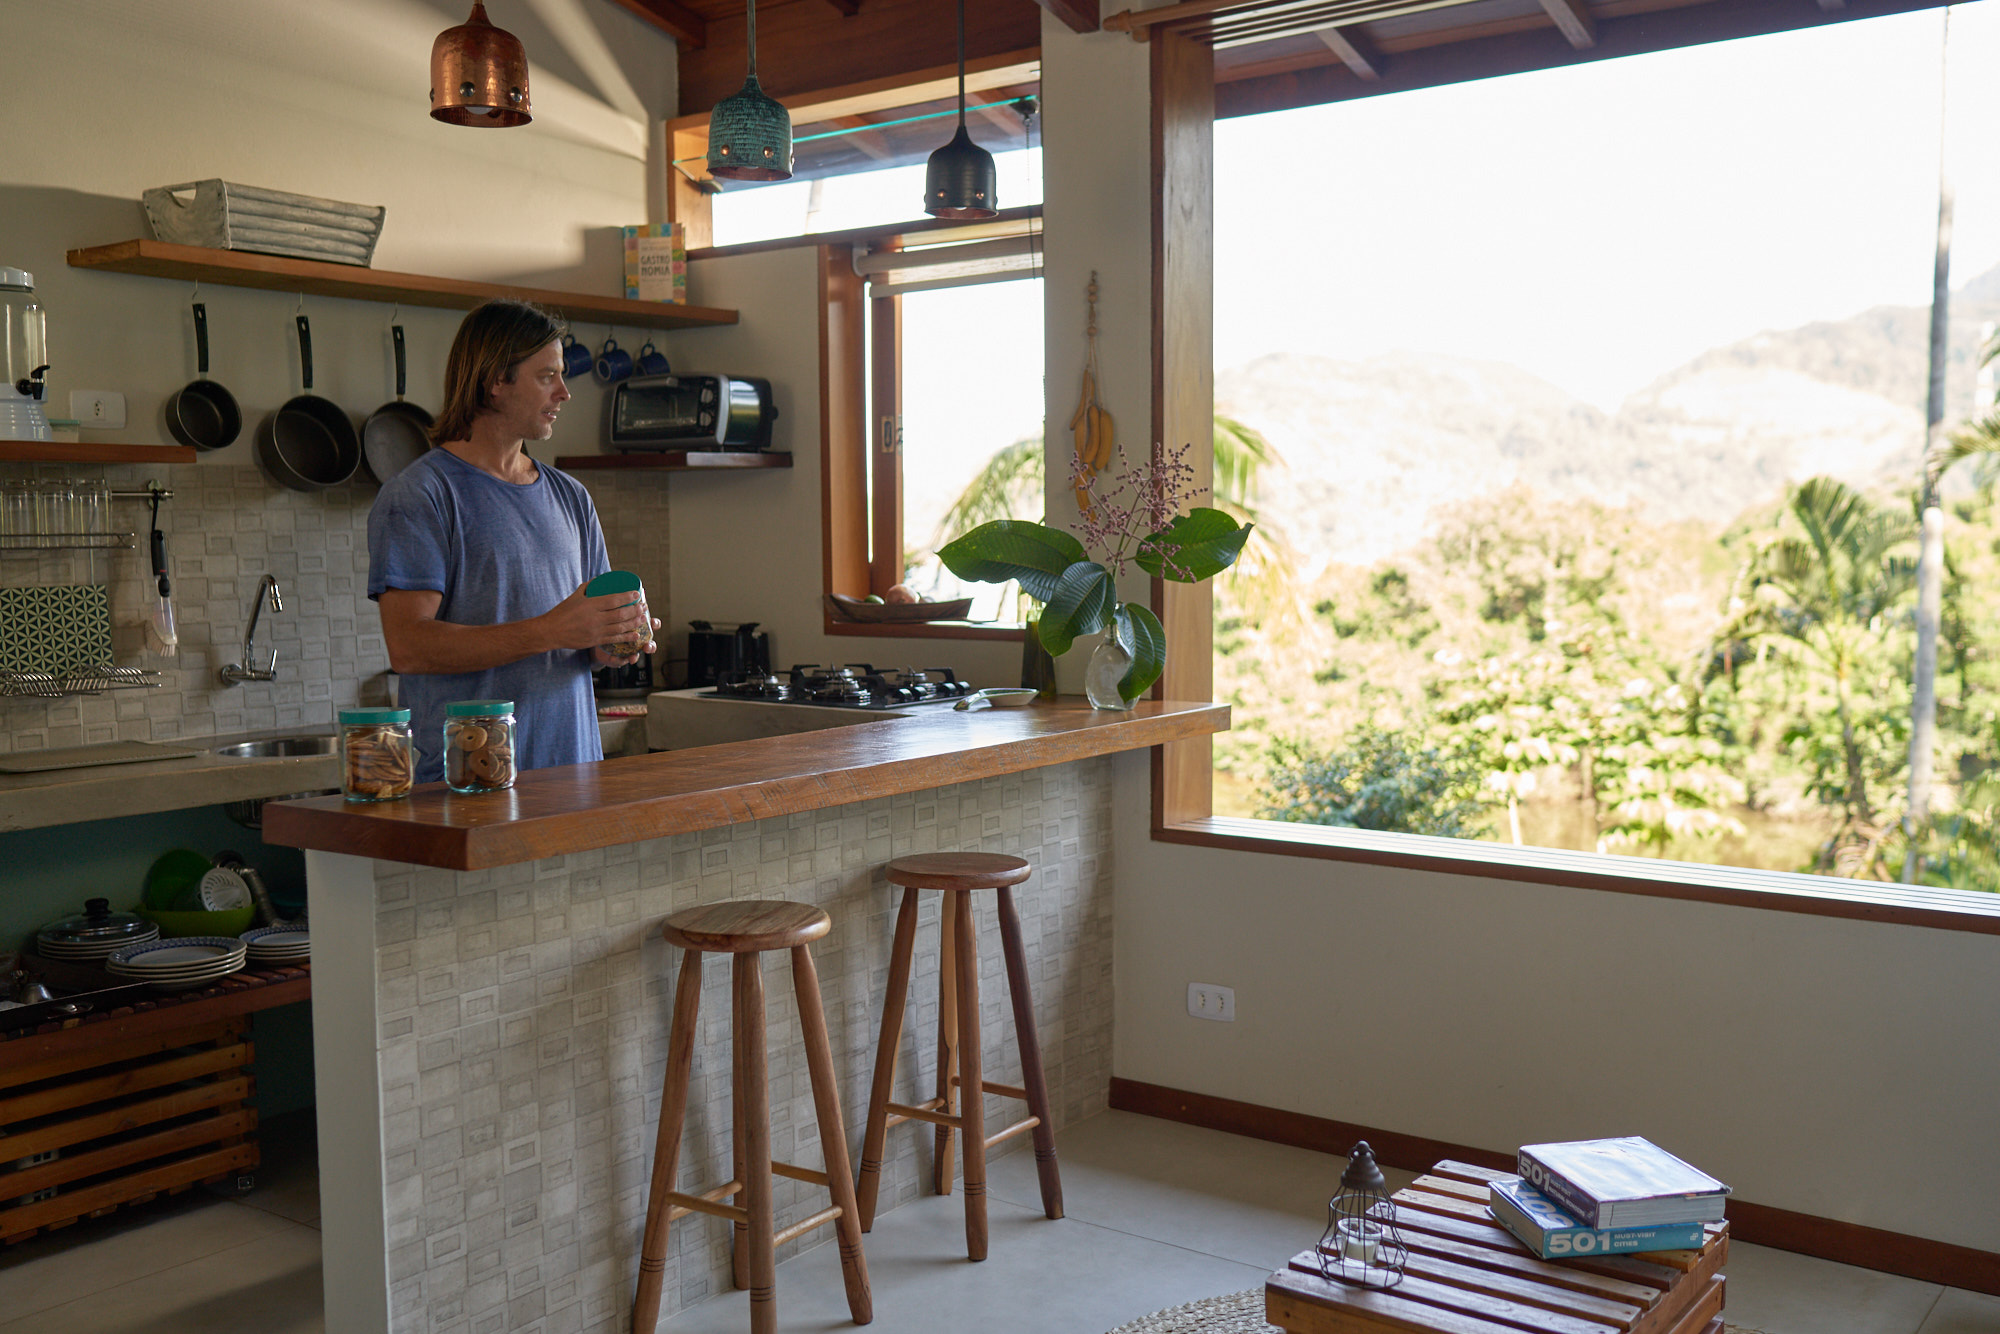 Airbnb day 048556.jpg